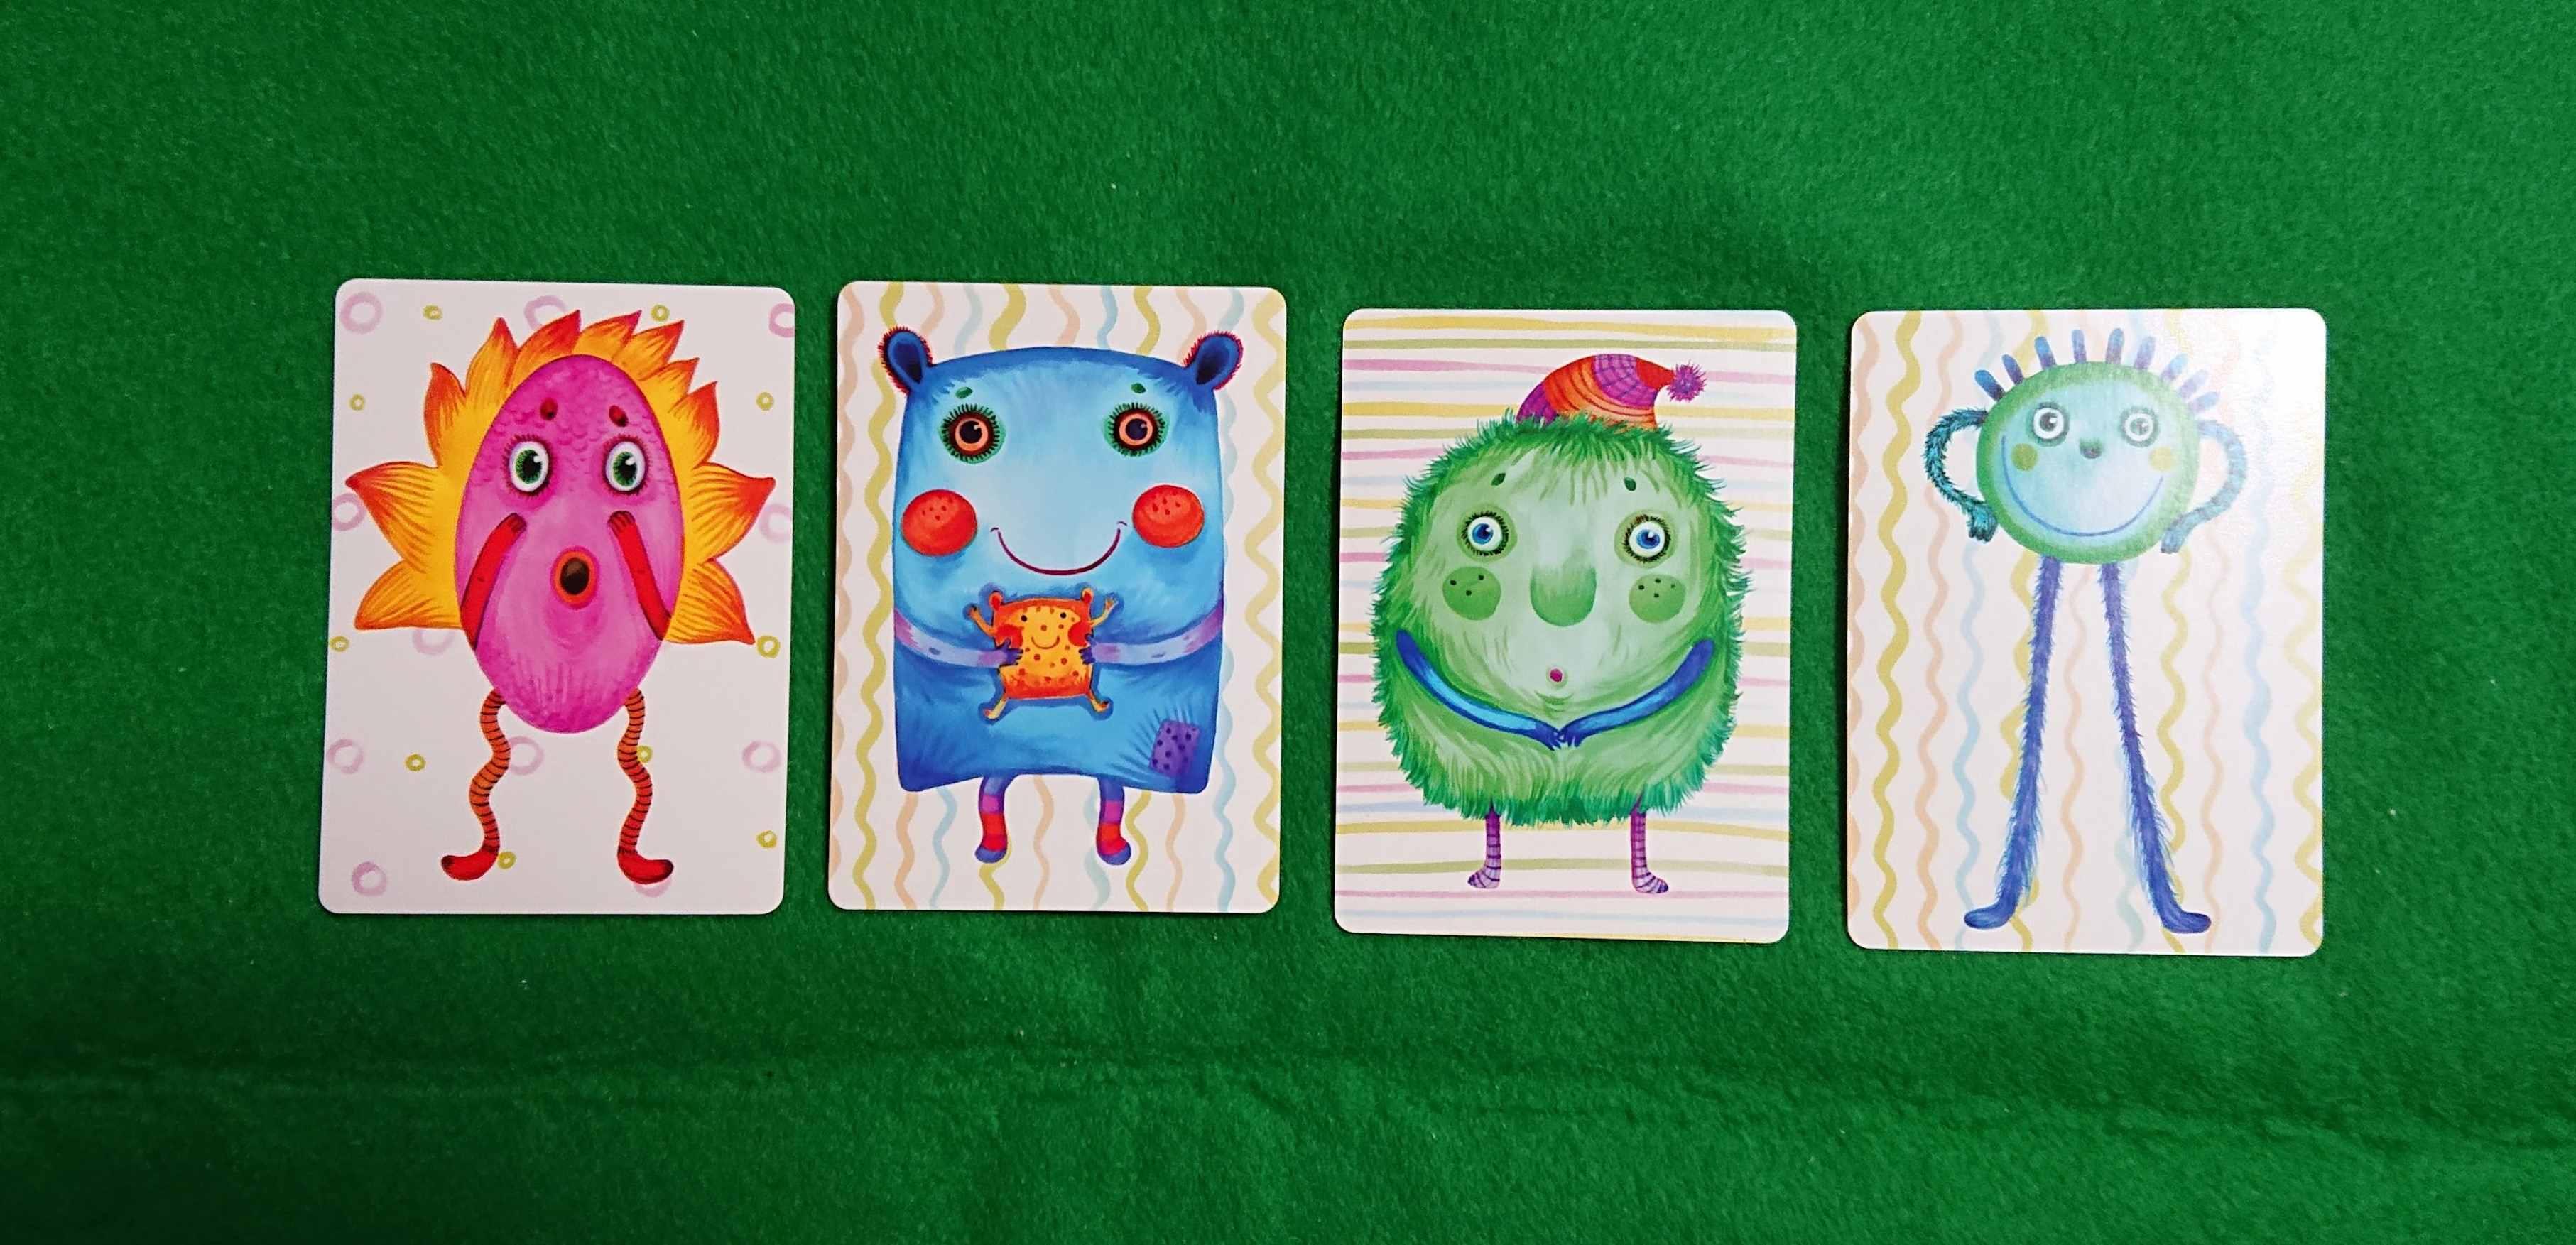 ナンジャモンジャ(緑) 子どもも楽しい初心者向けカードゲーム 名前を付けよう!! ルール説明ボードゲーム